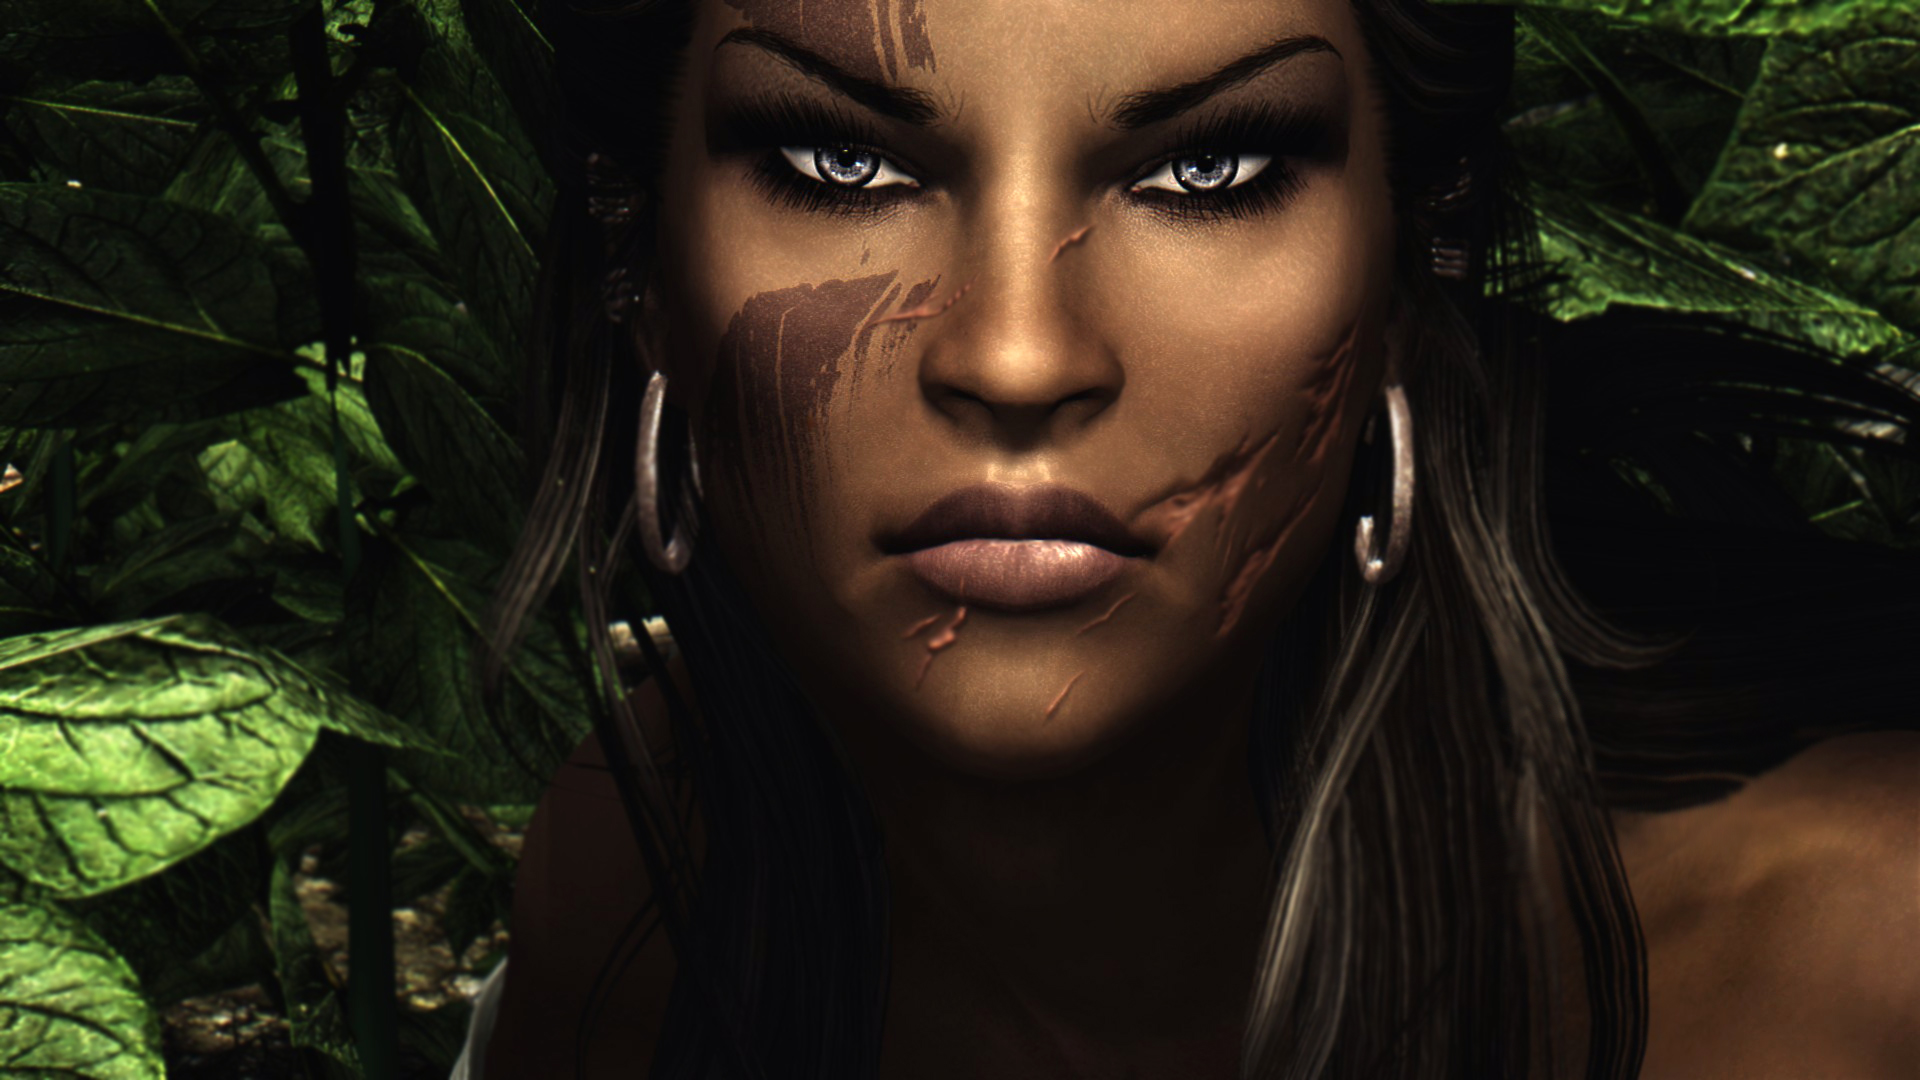 Elder Scrolls 5 Skyrim Quot True Eyes Настоящие глаза